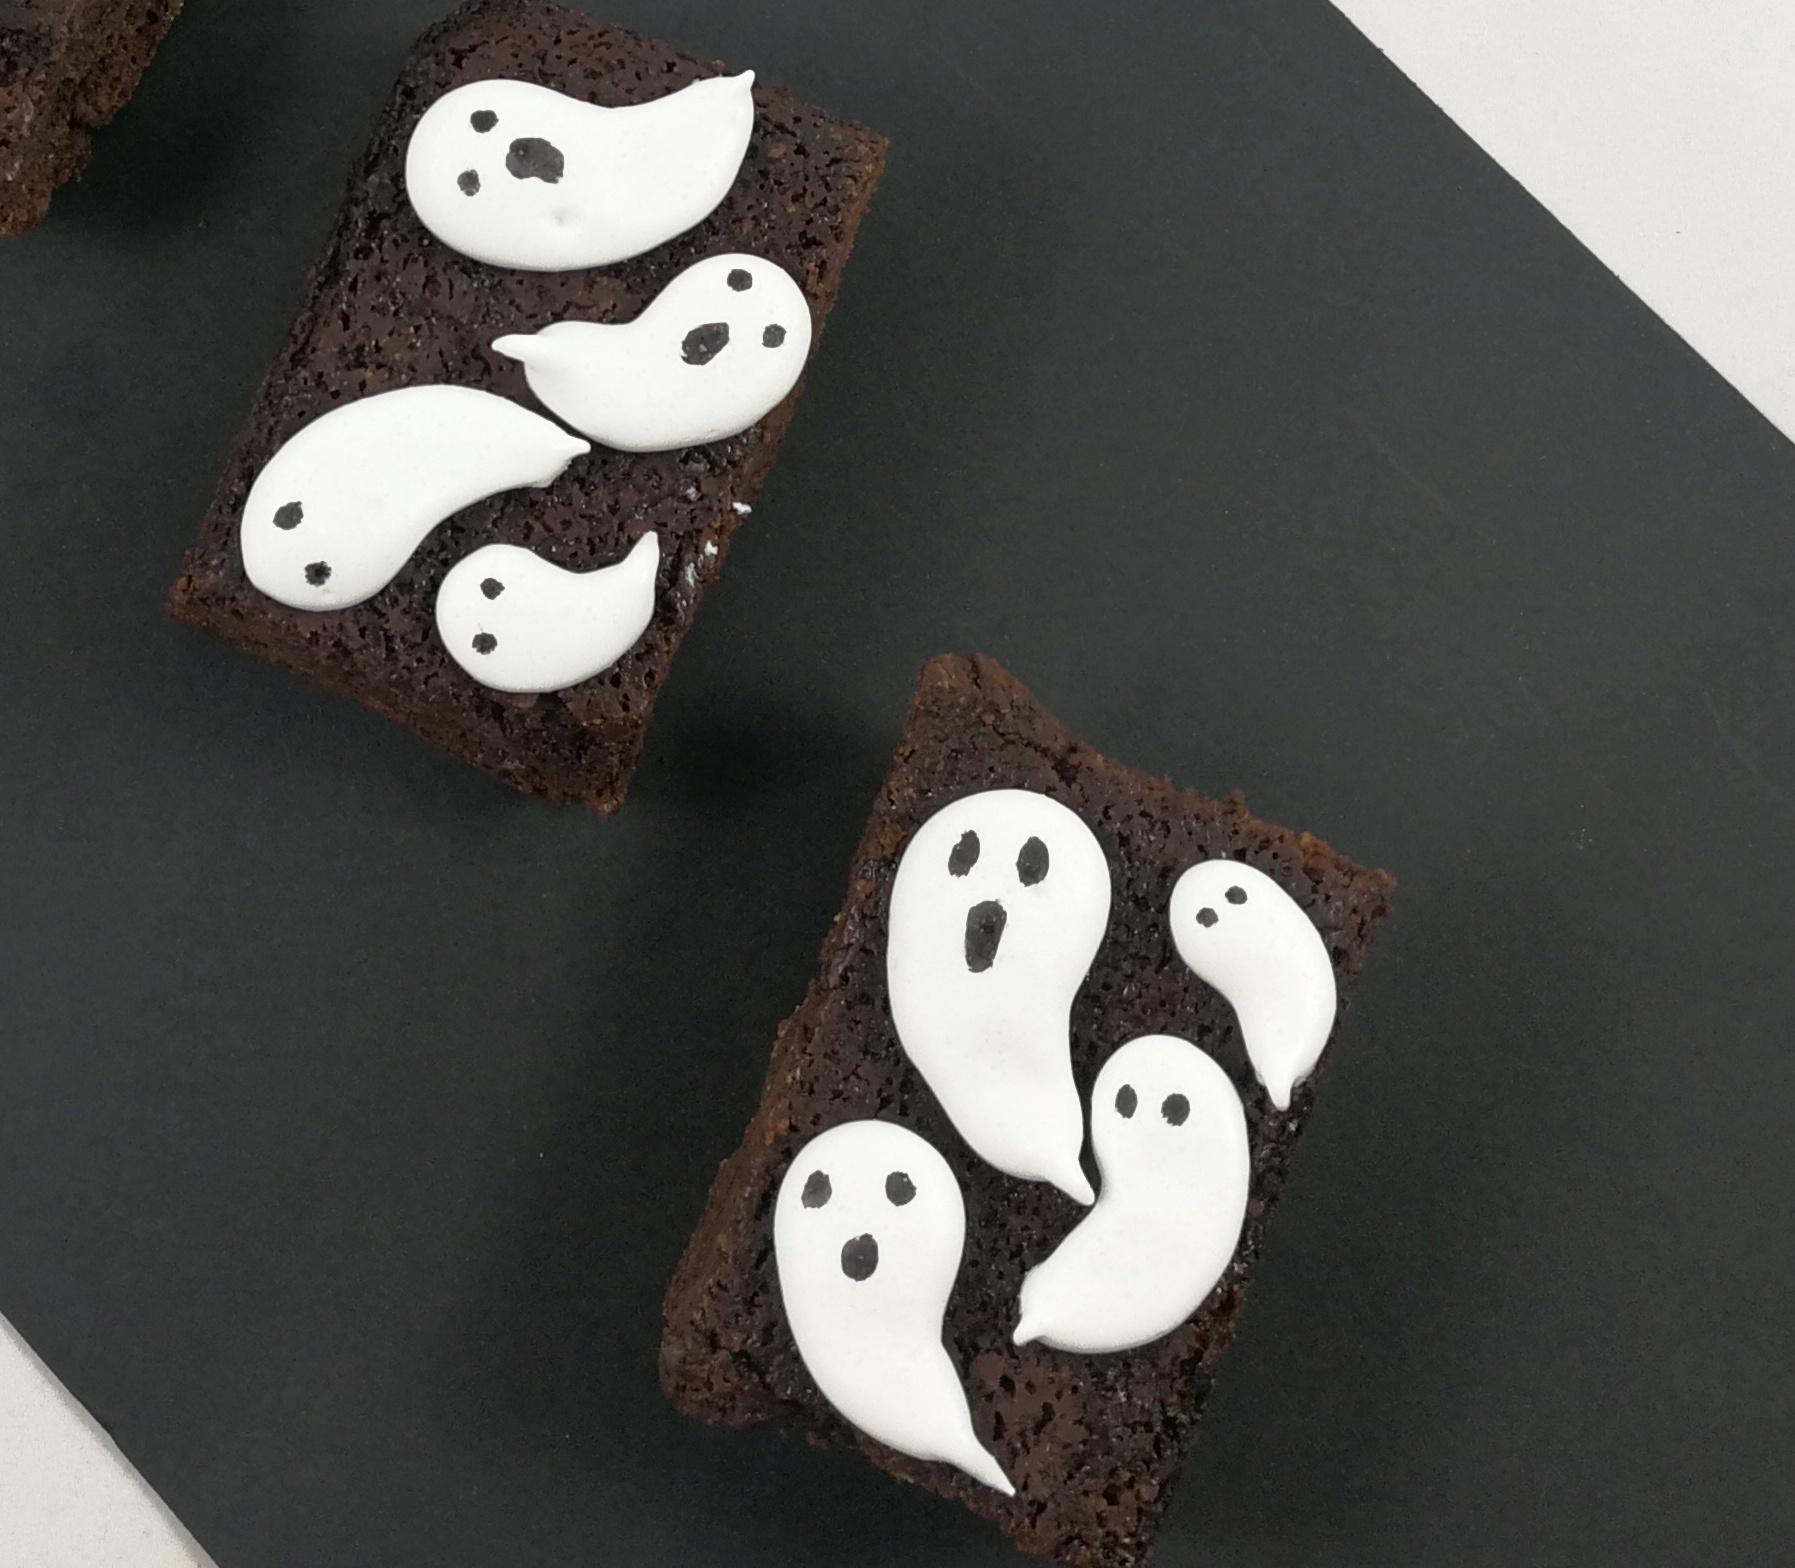 piezas de brownie decorado con fantasmas de merengue